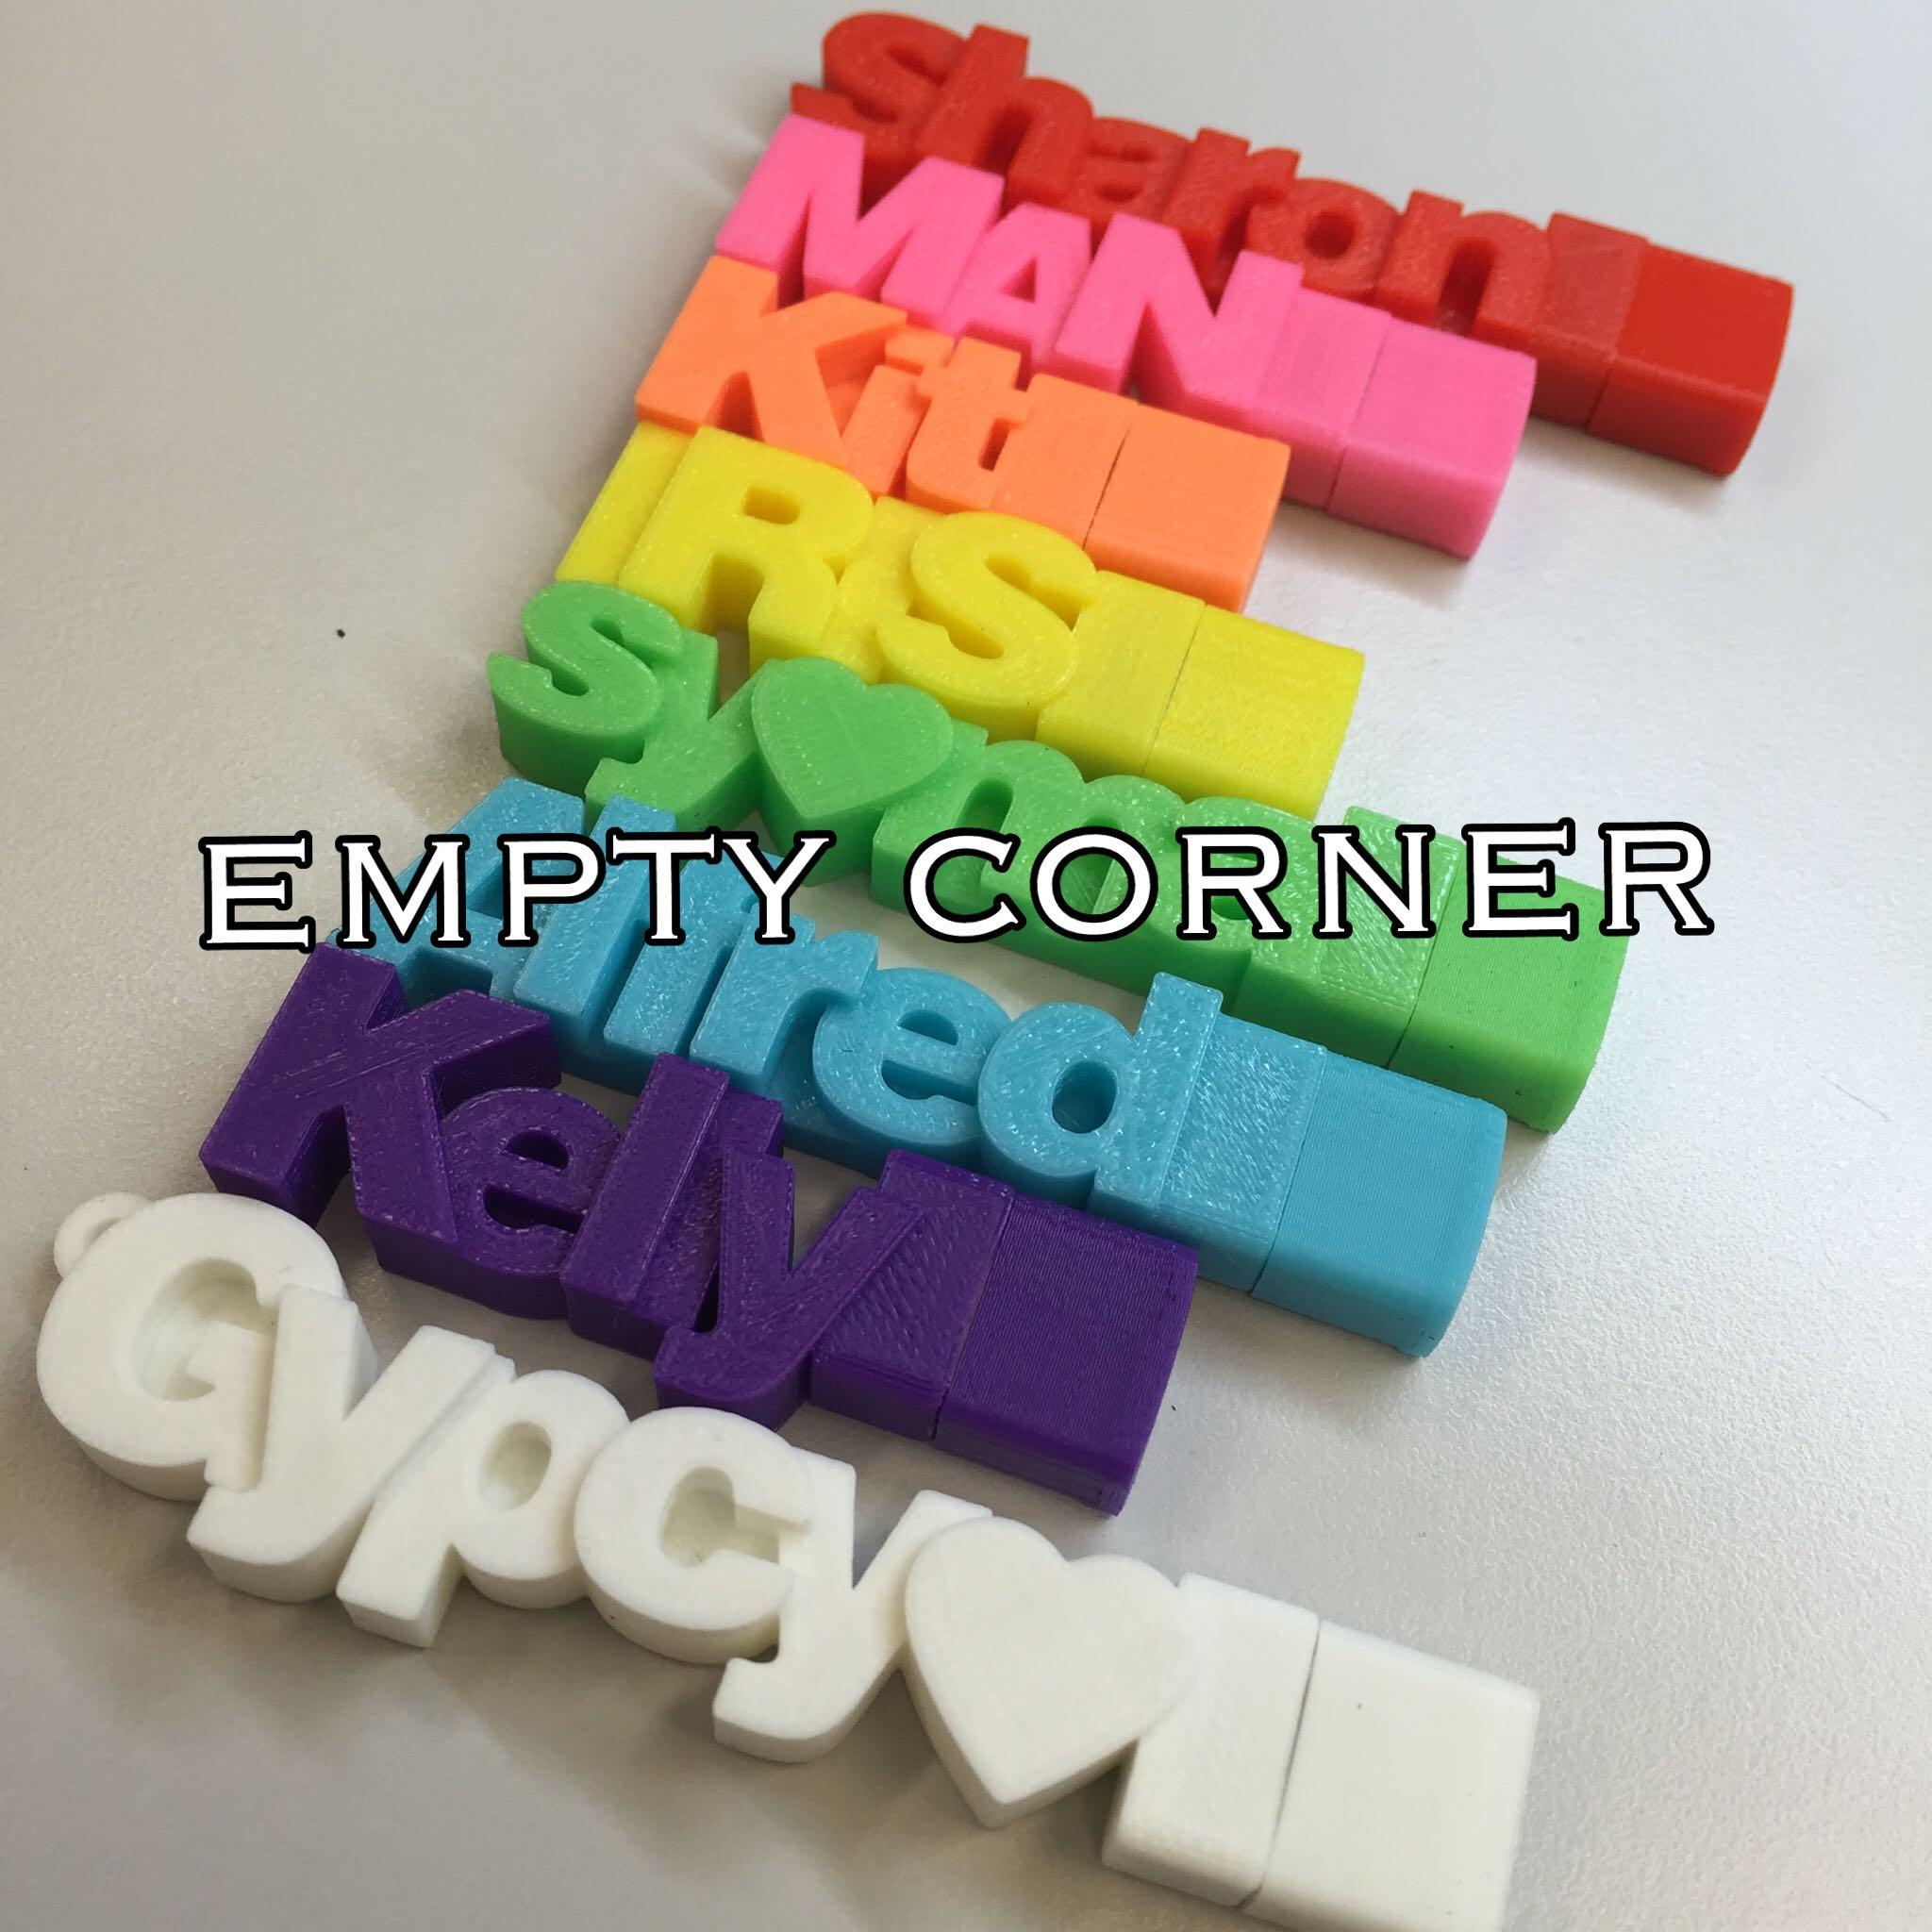 emptycorner